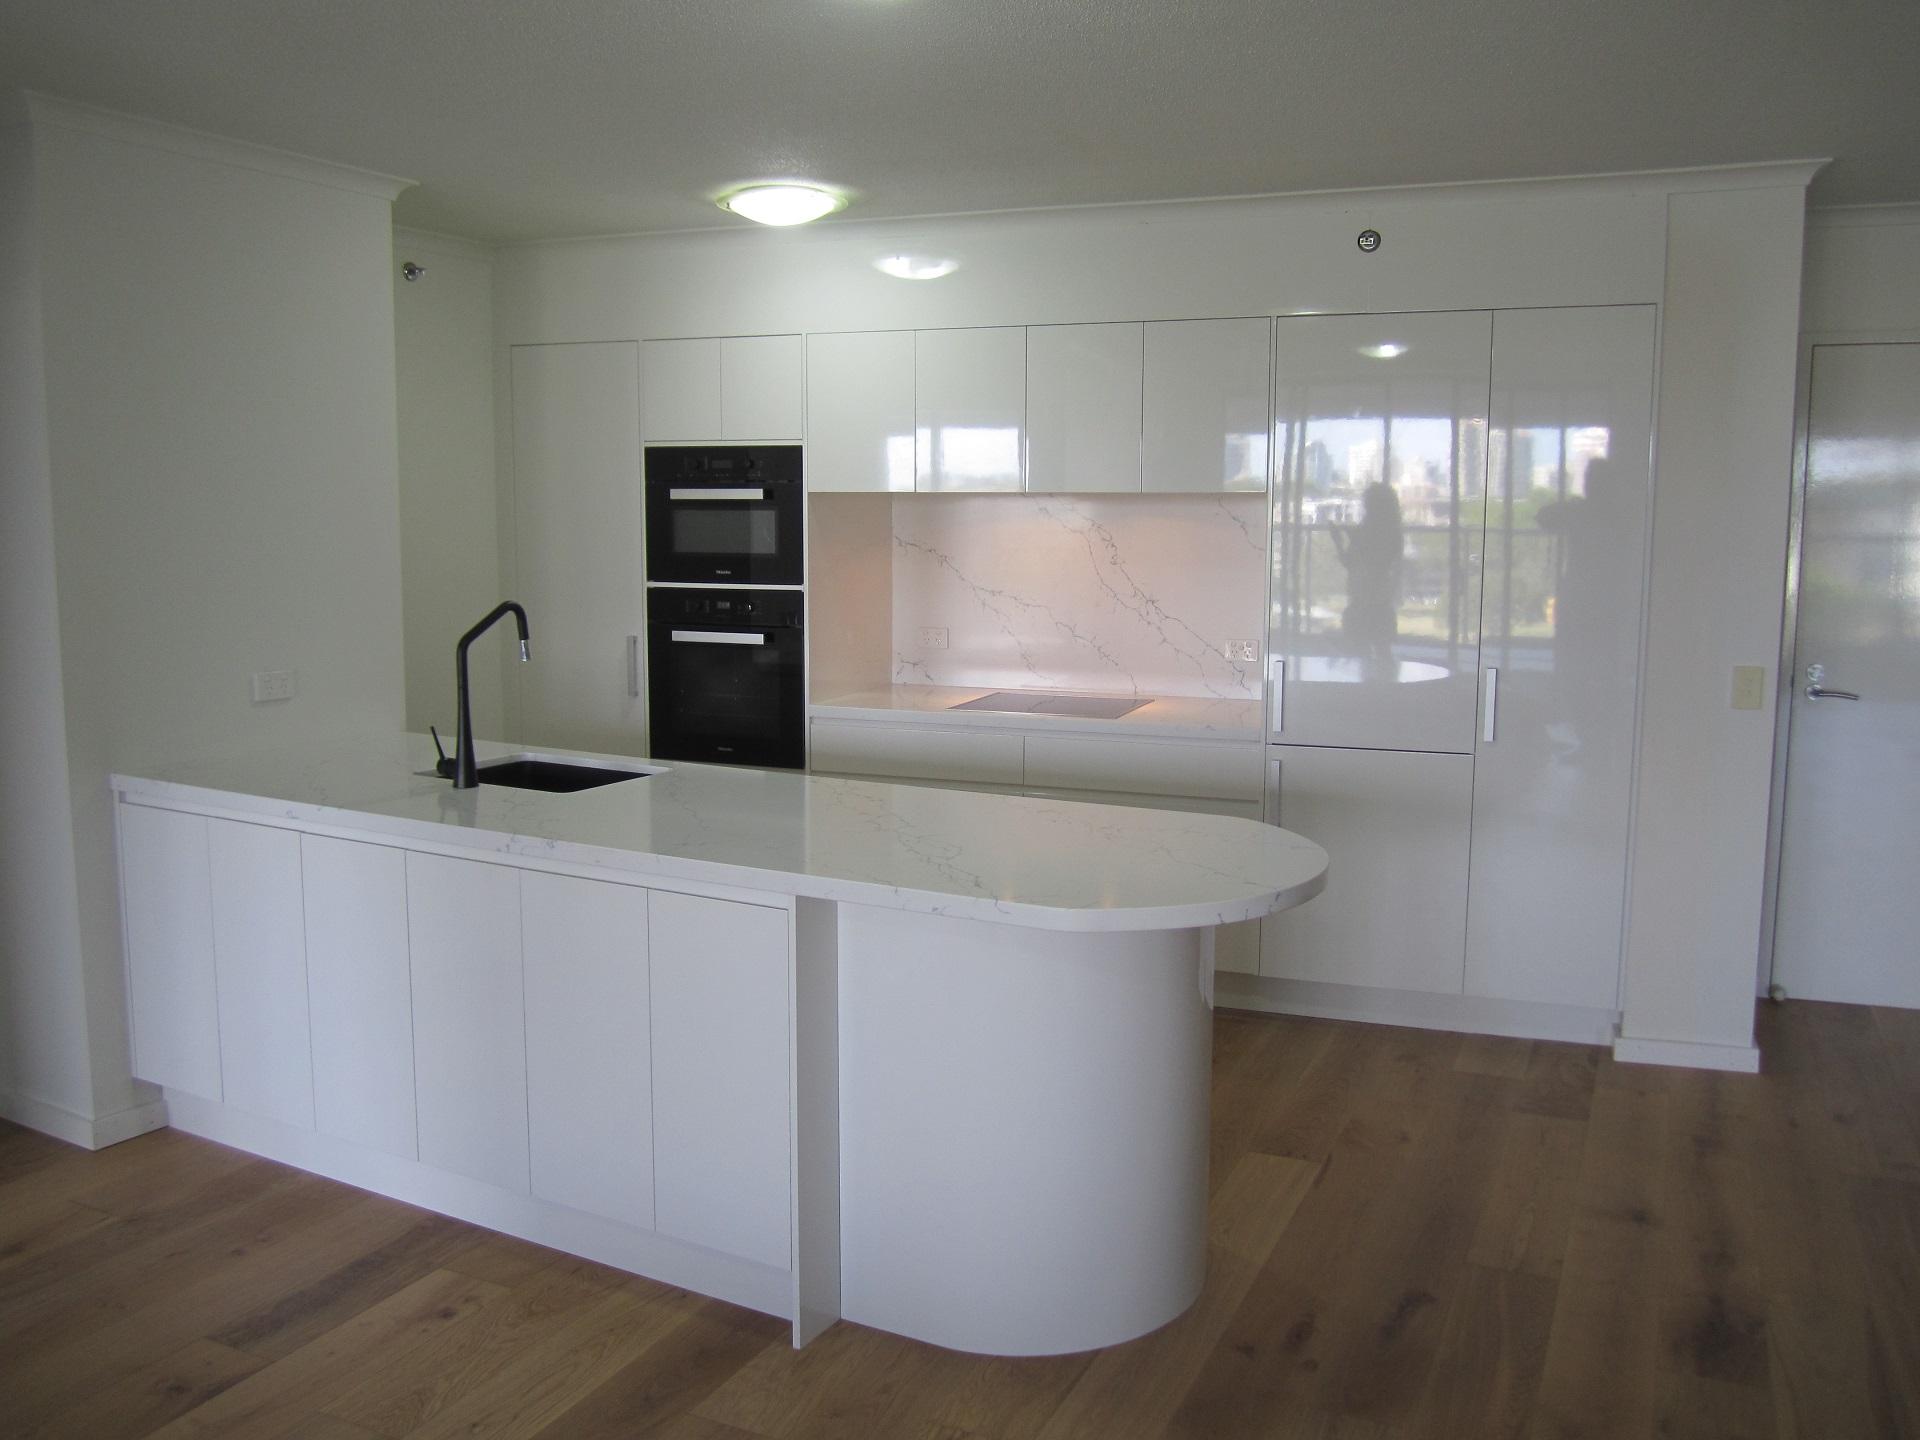 Brisbane Kitchen Design Brisbane City Contemporary Kitchen Renovation Curved Island Bench